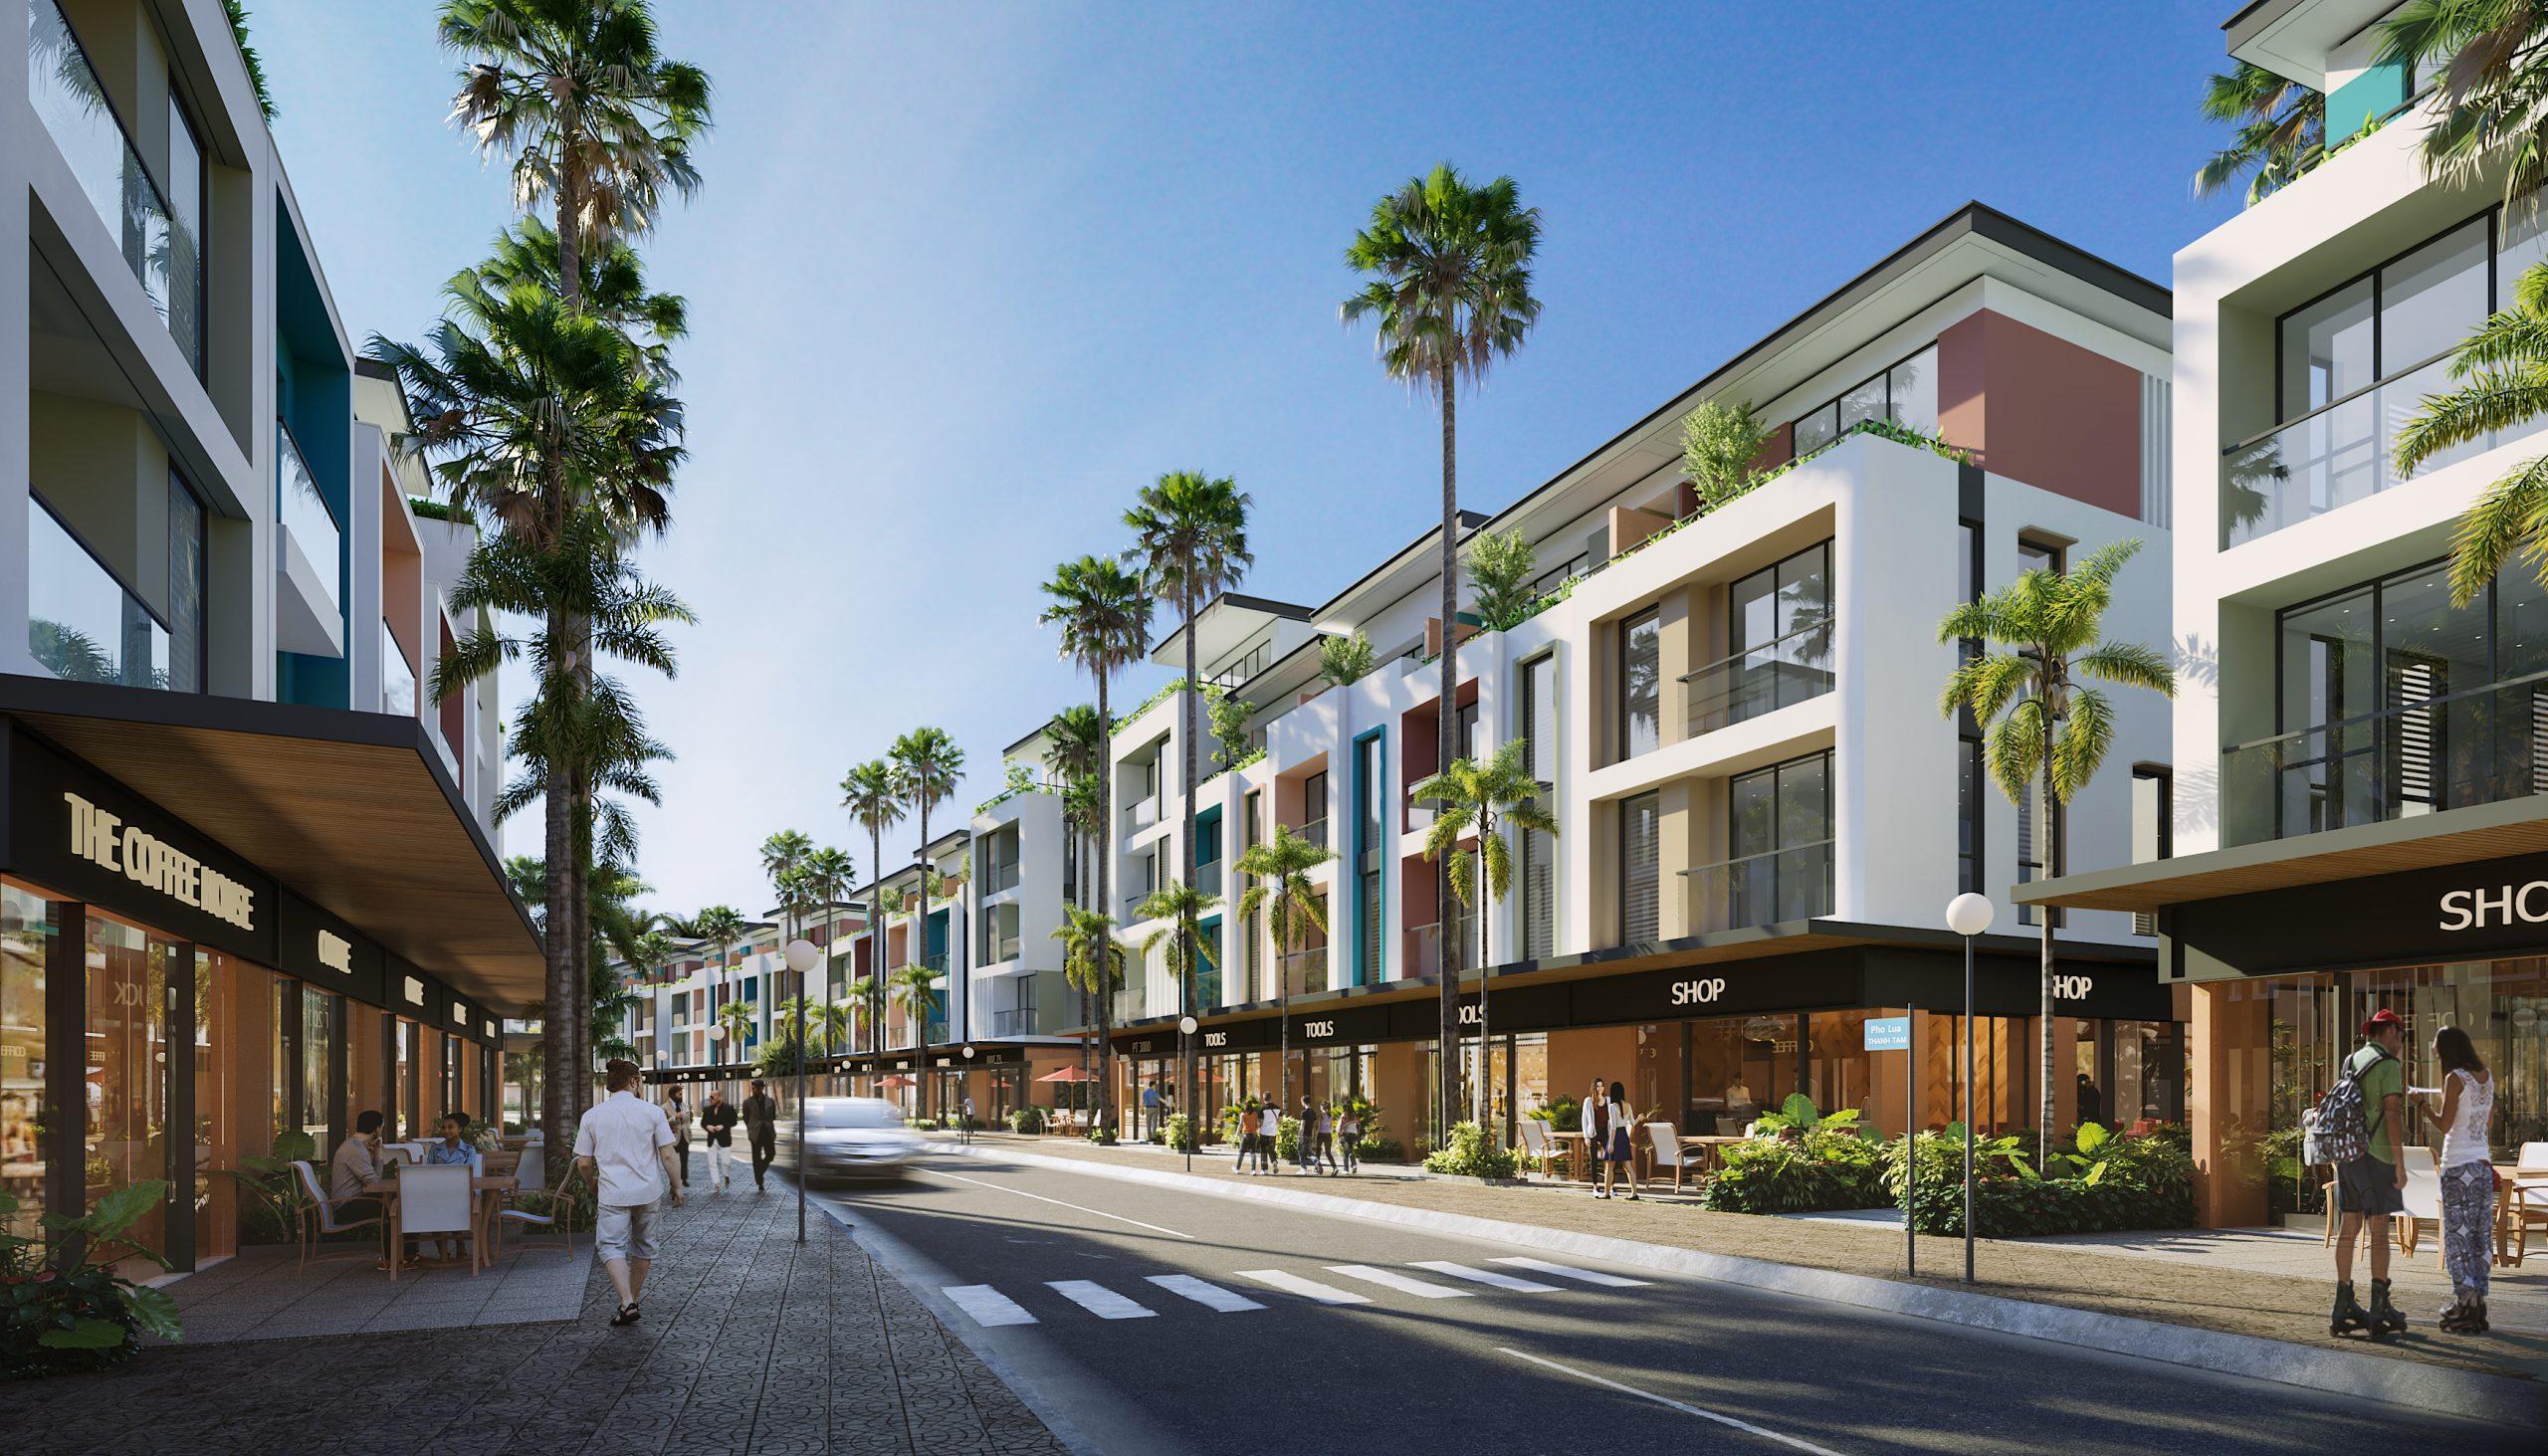 Tiềm năng tăng giá đô thị ven biển MEYHOMES vừa kinh doanh vừa ở!